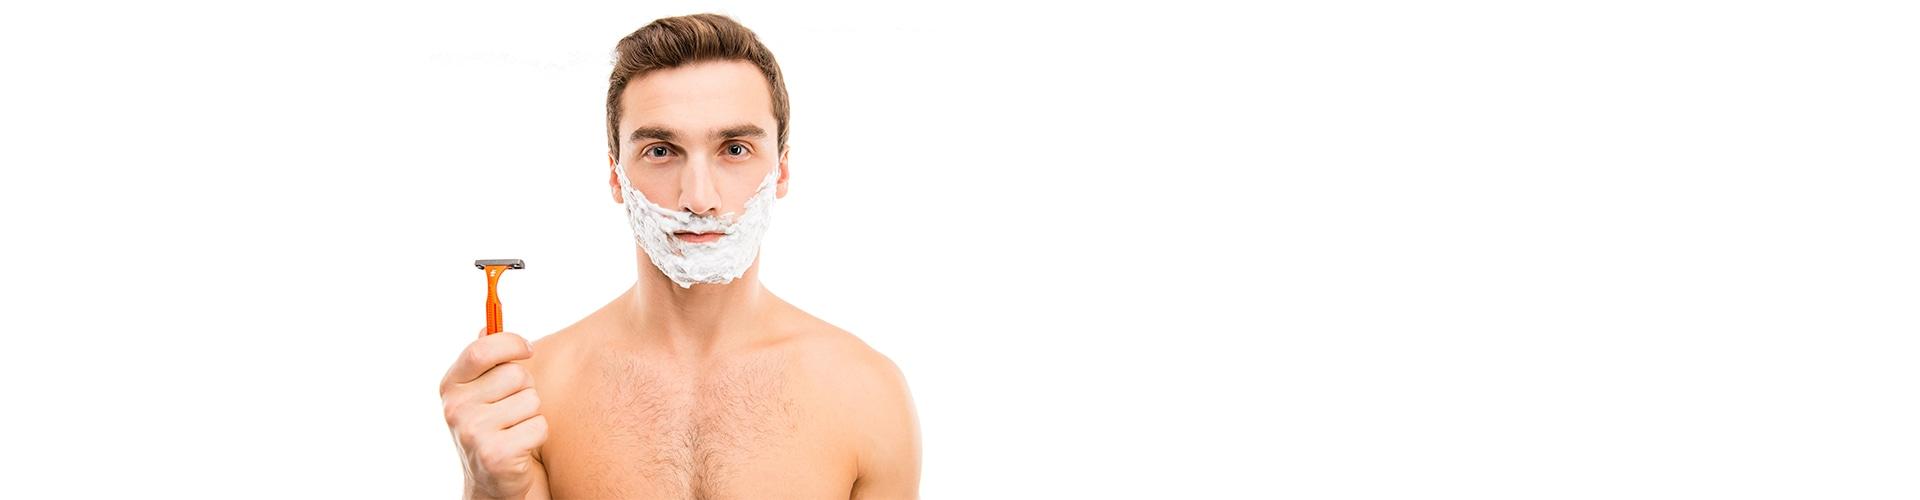 Mann, der sich rasieren will